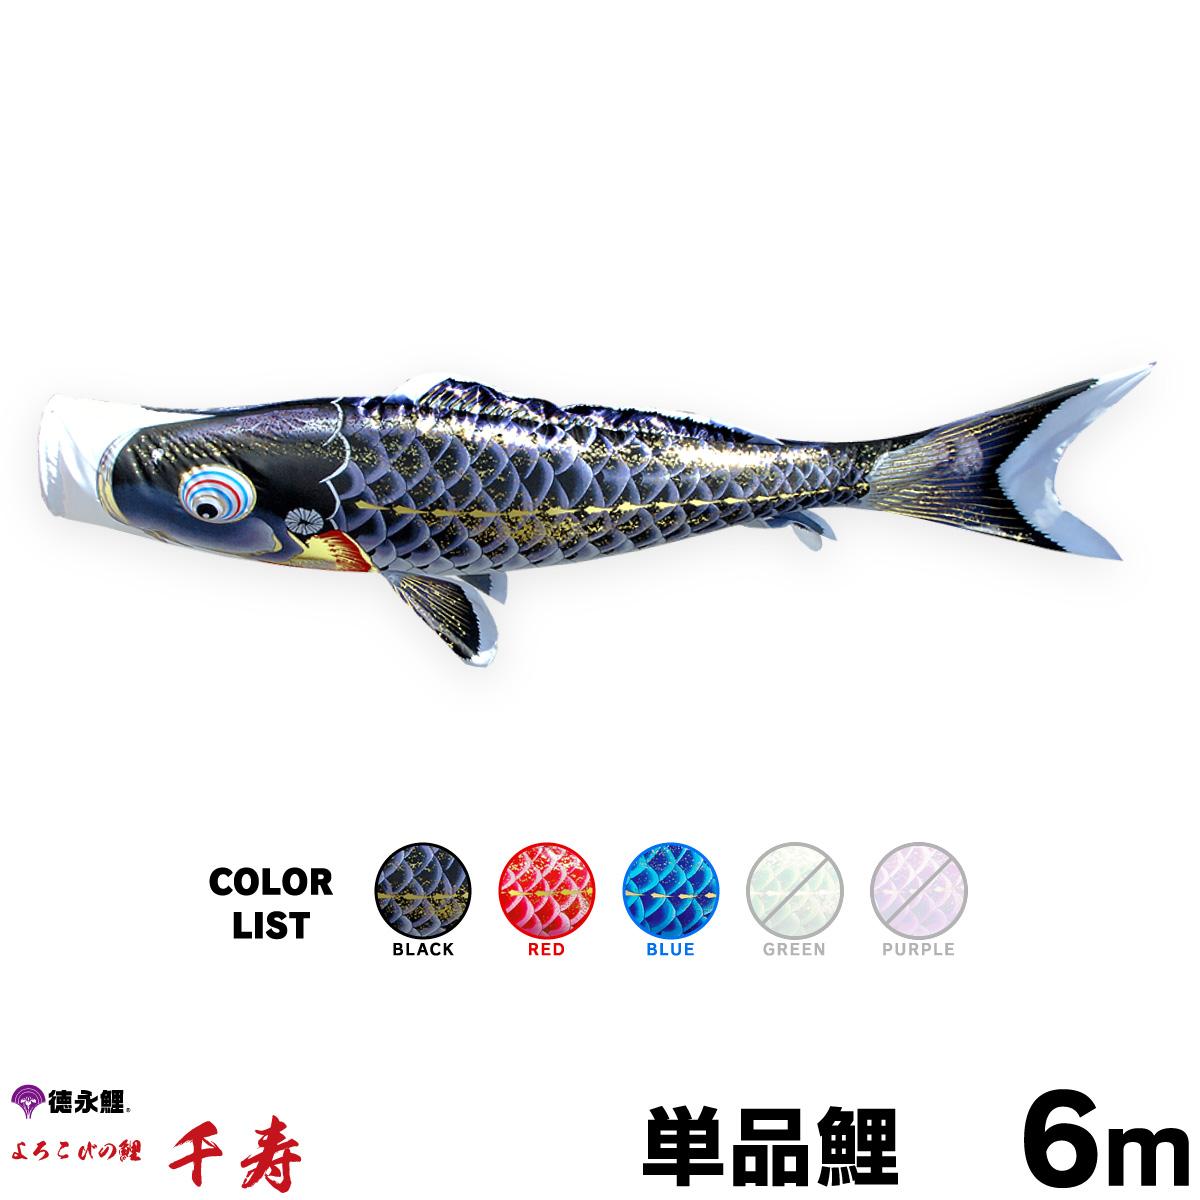 【こいのぼり 単品】 千寿 6m 単品鯉 黒 赤 青